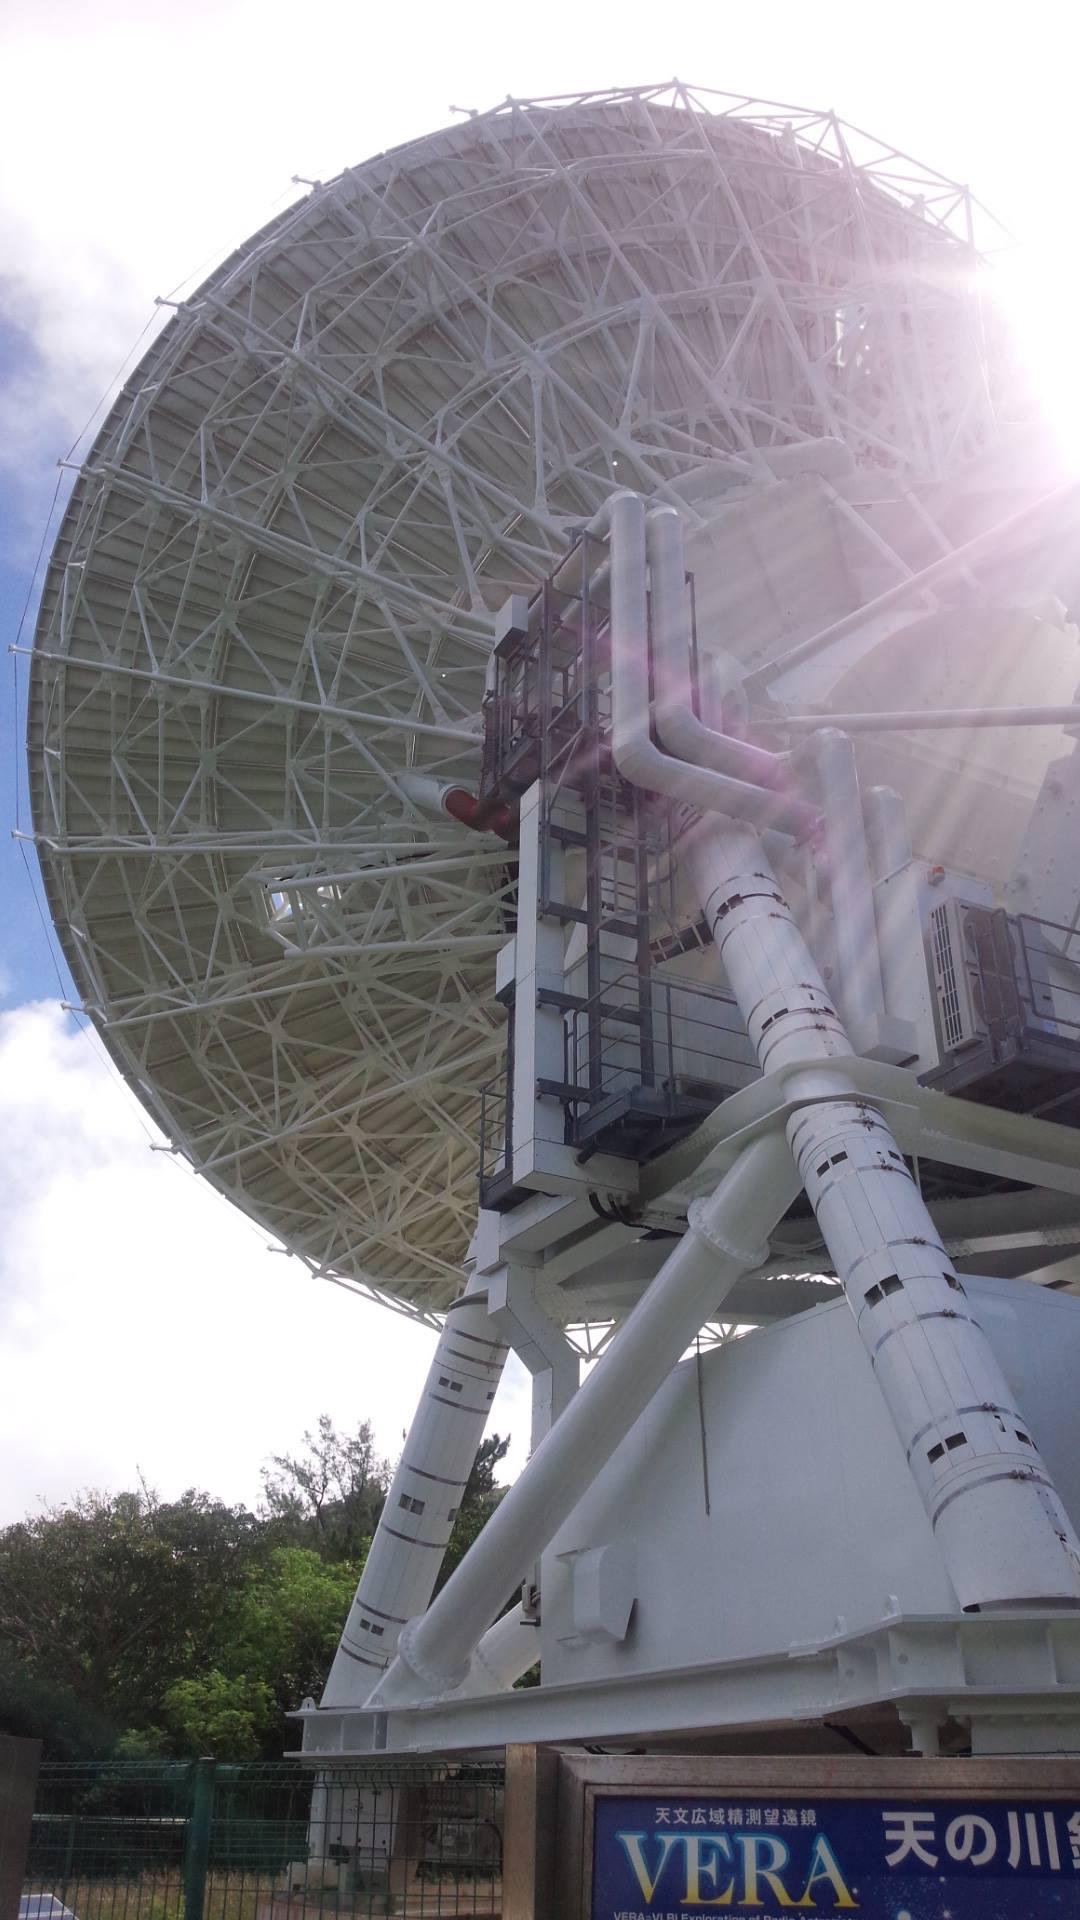 小笠原諸島にある国立天文台VERA小笠原観測局